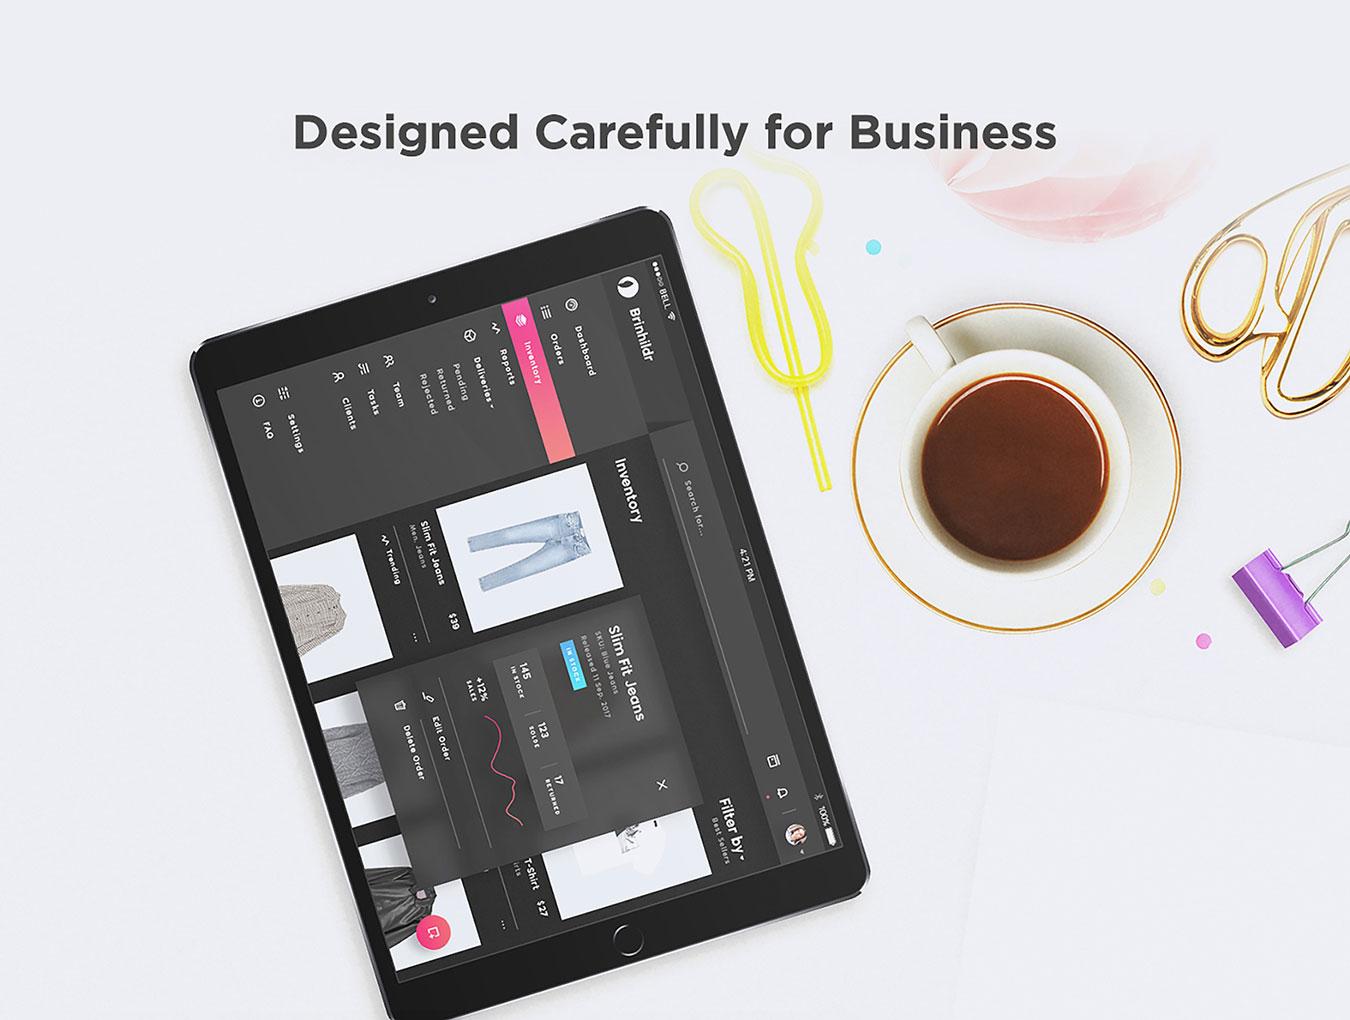 商城网站仪表盘后台管理系统WEB UI界面设计套件 Brinhildr – Dashboard Web UI Kit插图(1)